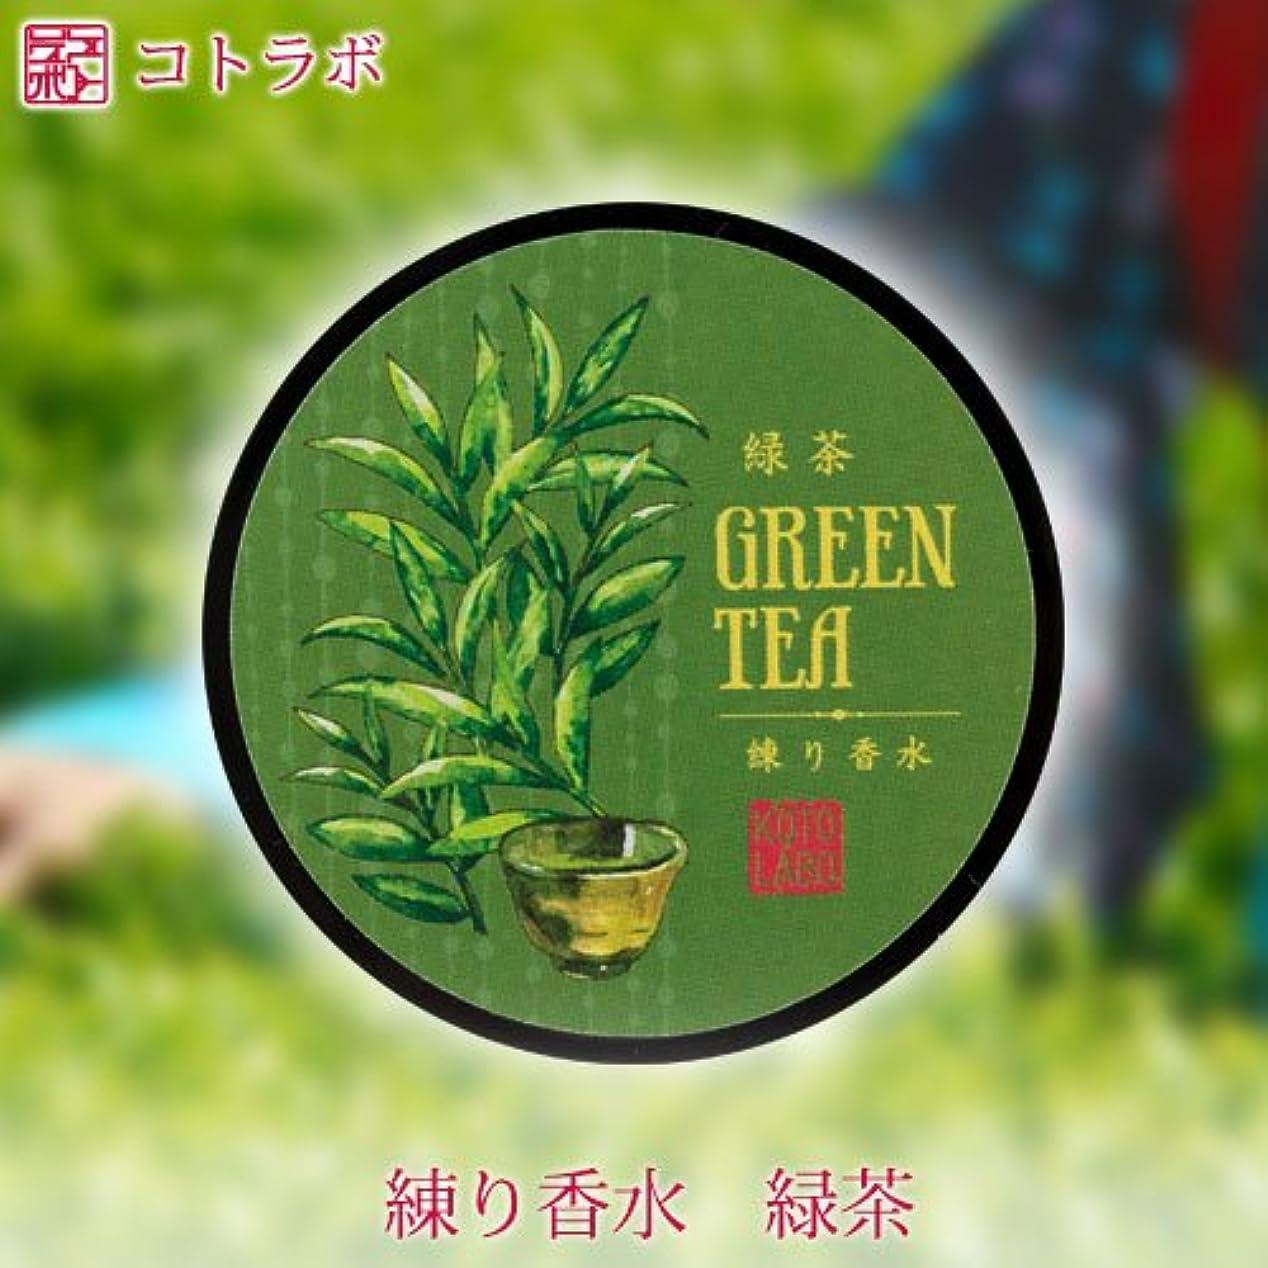 枯れるテーマ奨励しますコトラボ練り香水京都謹製緑茶グリーンティーフローラルの香りソリッドパフュームKotolabo solid perfume, Green tea